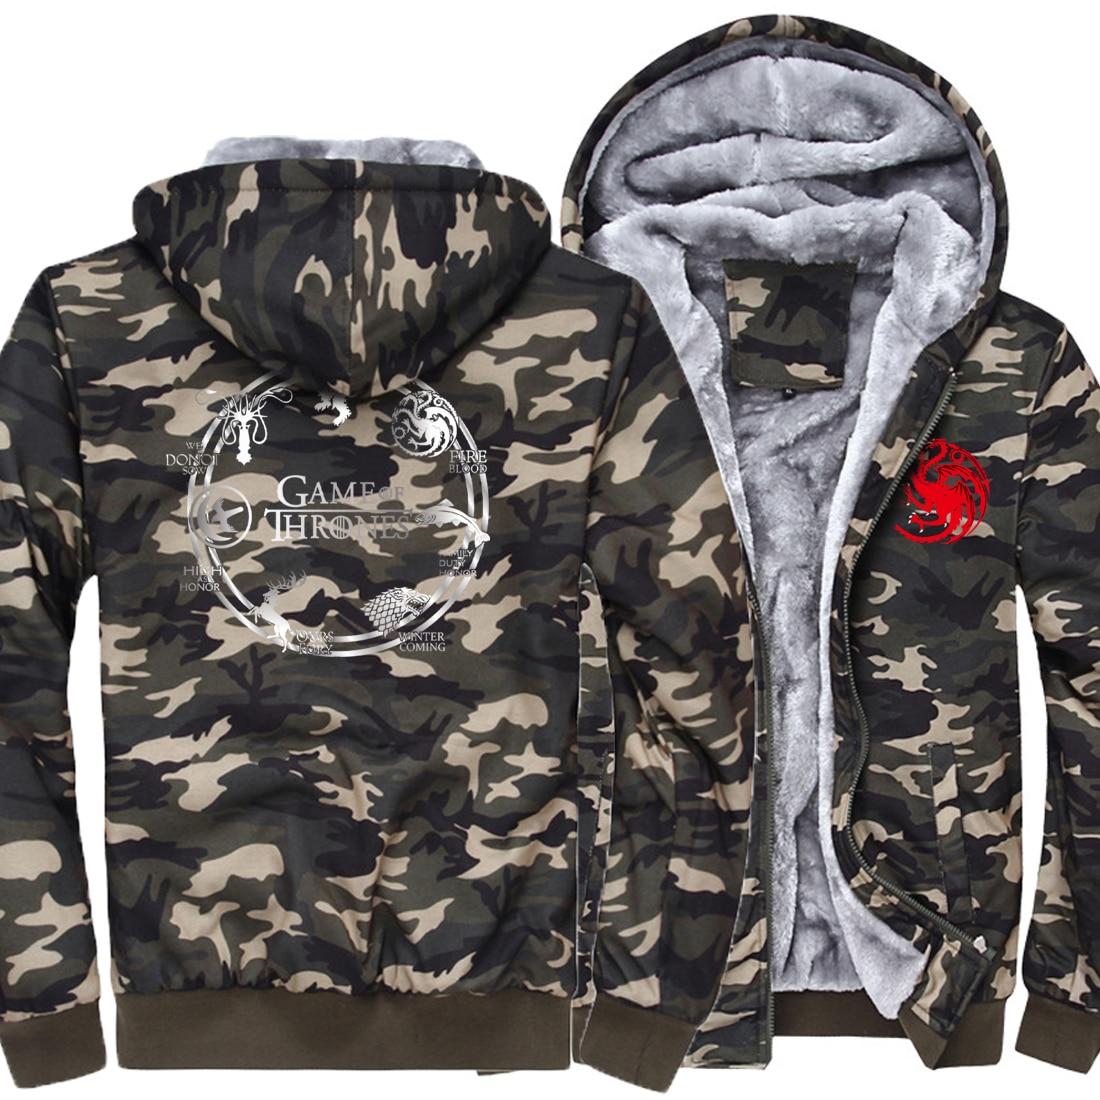 Hombres camouflage Sudaderas Hop Impresión Sudadera Invierno Capucha camouflage Tronos Hip Camouflage Juego Nueva Casual Moda Kpop Con 2019 Gruesa Hipster camouflage De ta1qwg